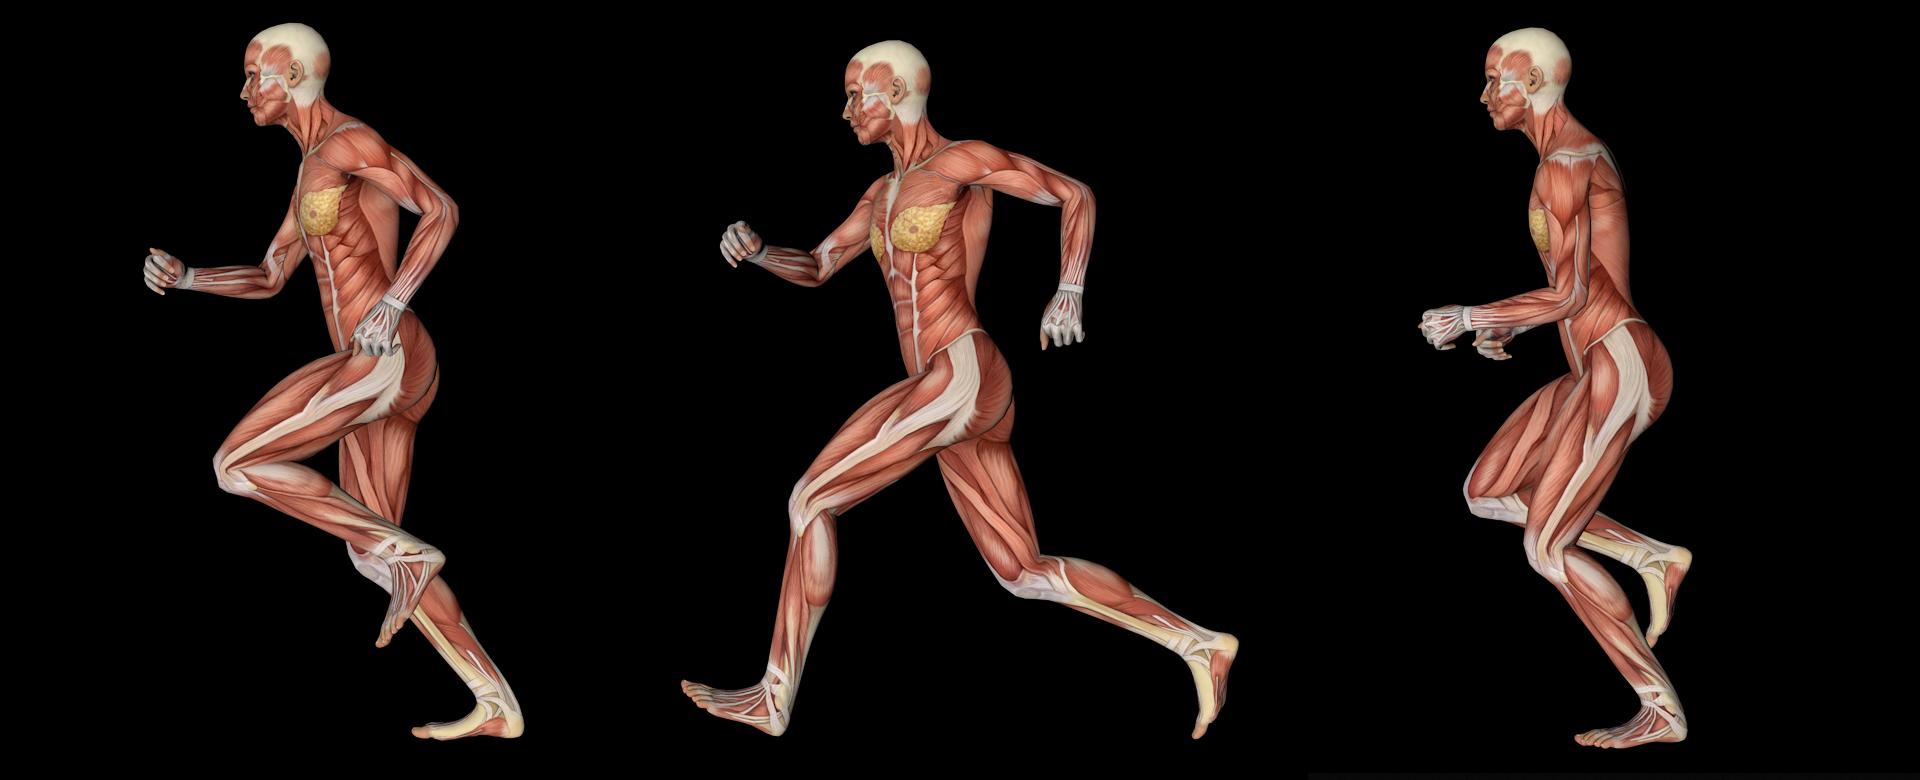 qué-es-la-animación-3d-estudio-de-animacion-eda3d-cuerpo-corriendo-en-3-poses